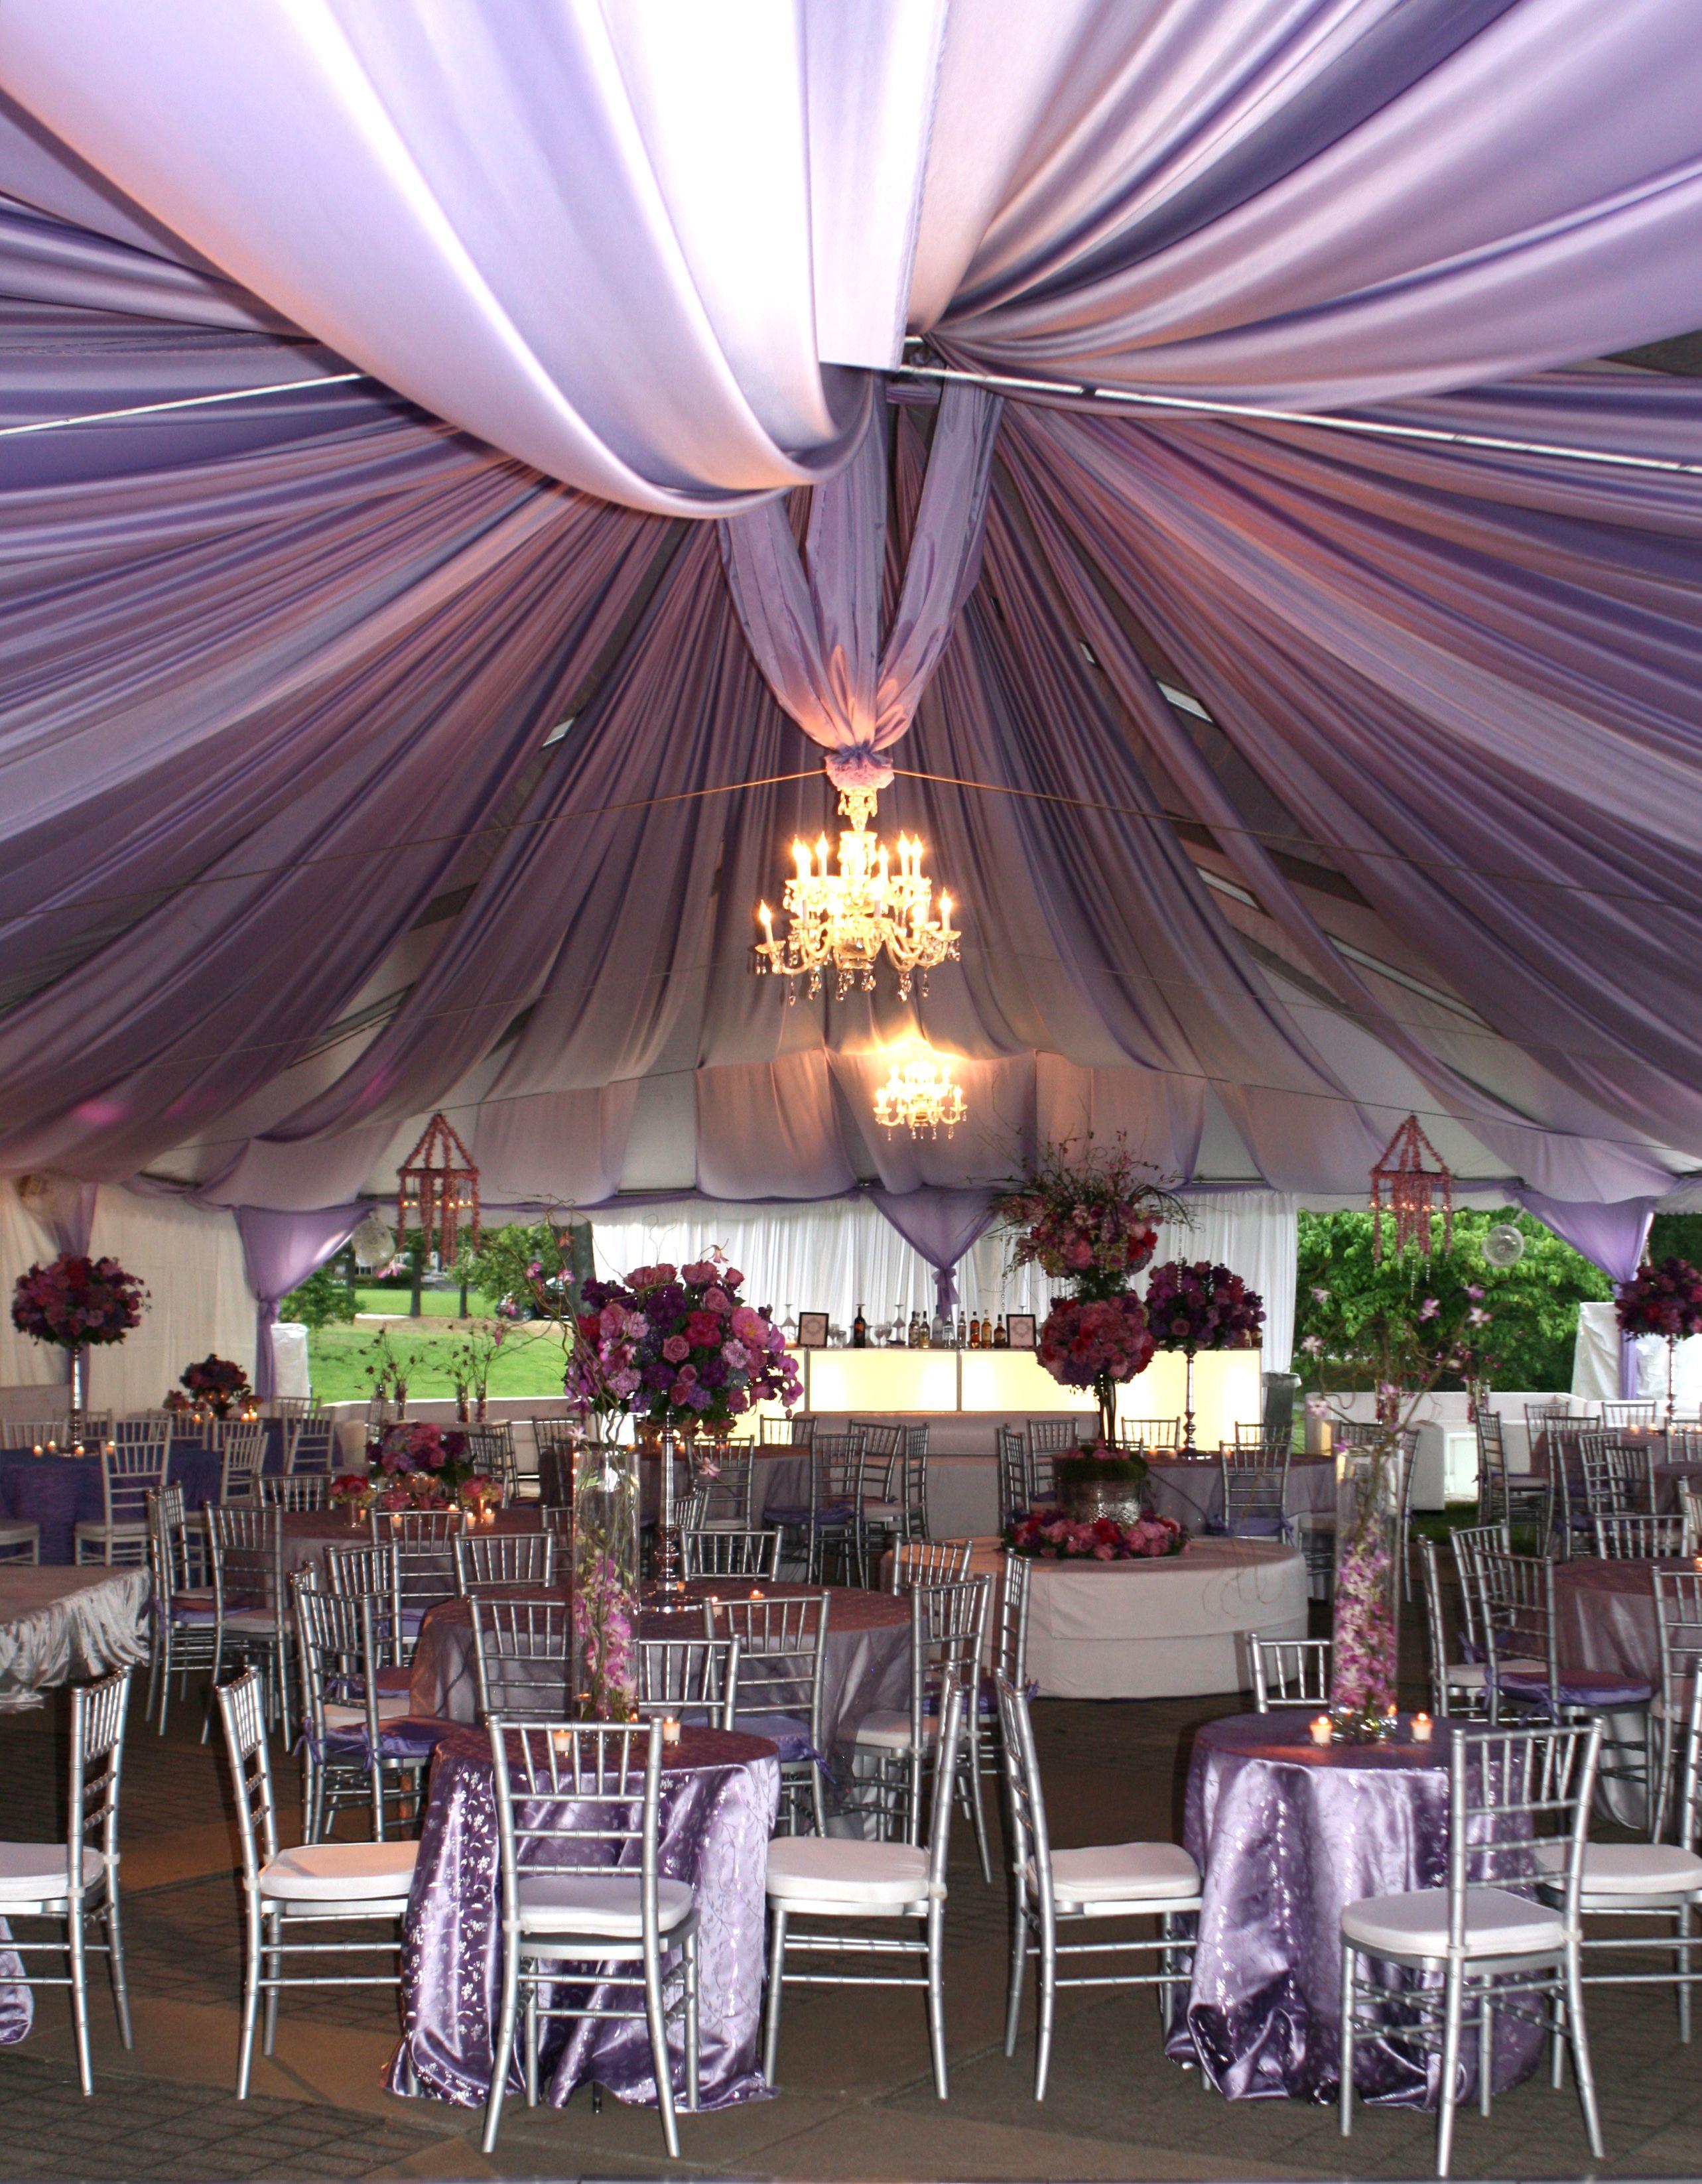 memphis brooks museum of art   the art of a museum wedding